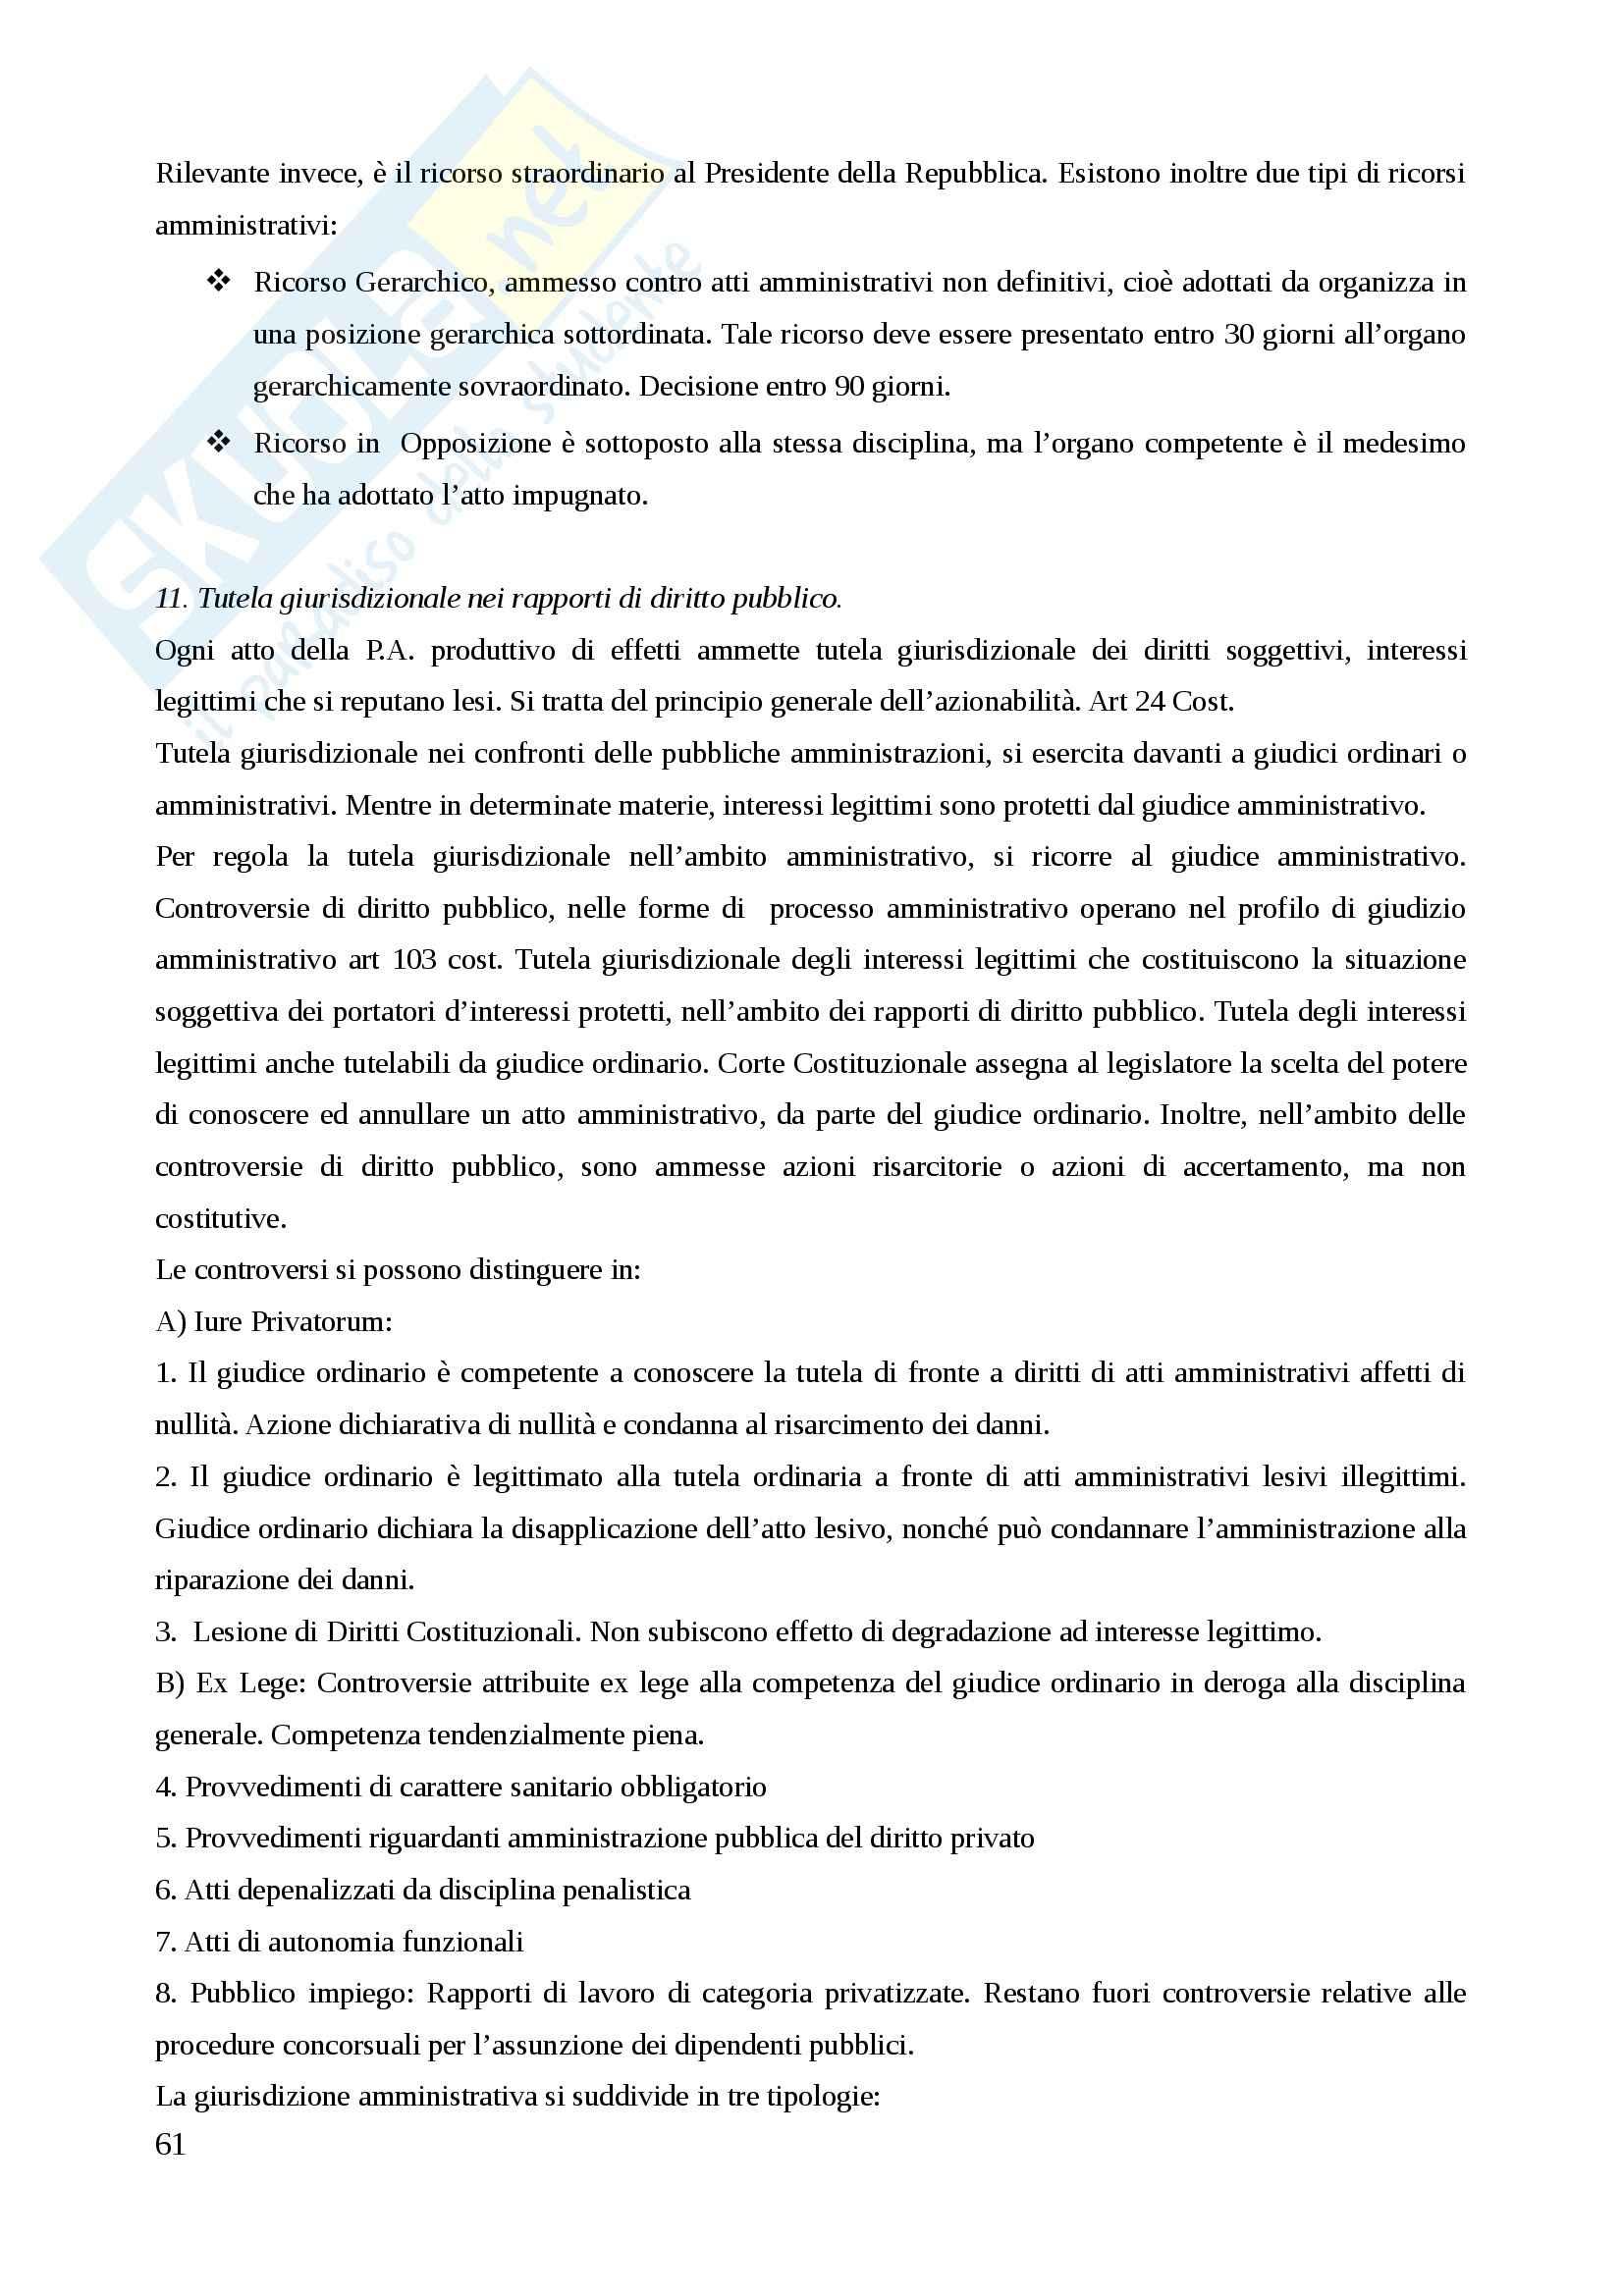 Lezioni, Diritto Amministrativo Pag. 61